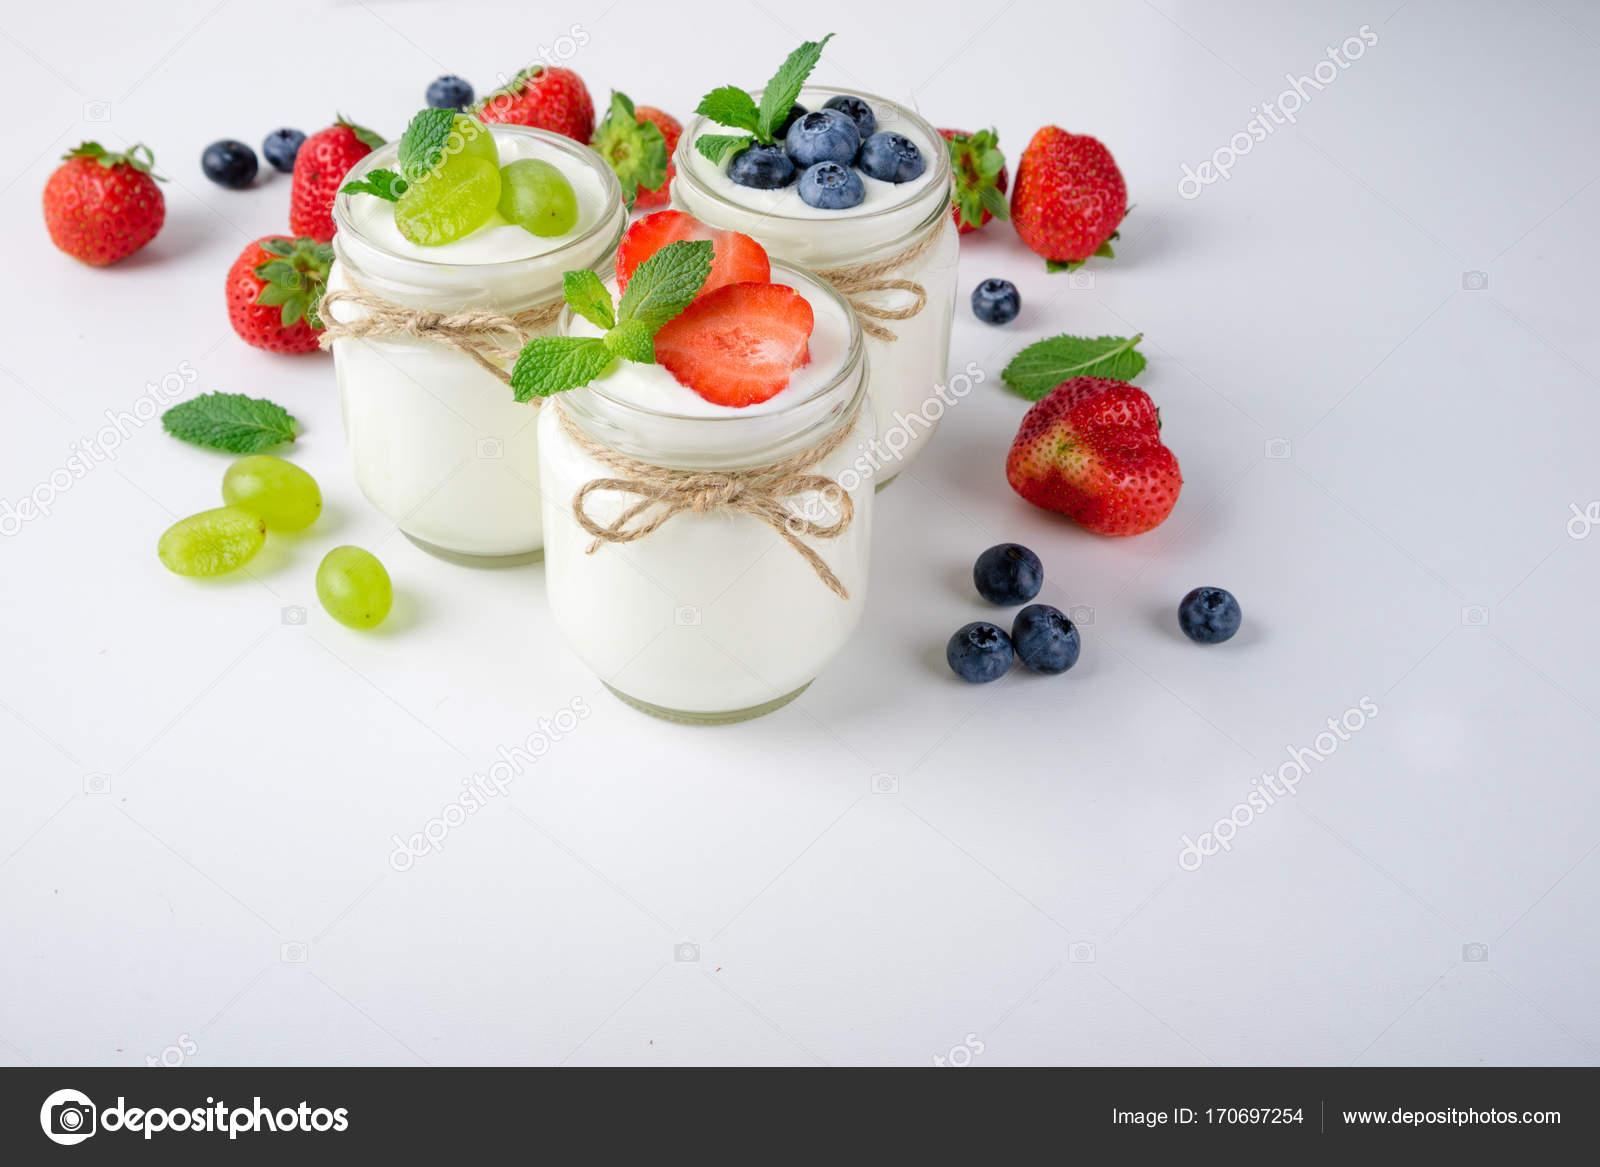 Свежий йогурт с ягодами в стеклянных банках. Здоровое питание.